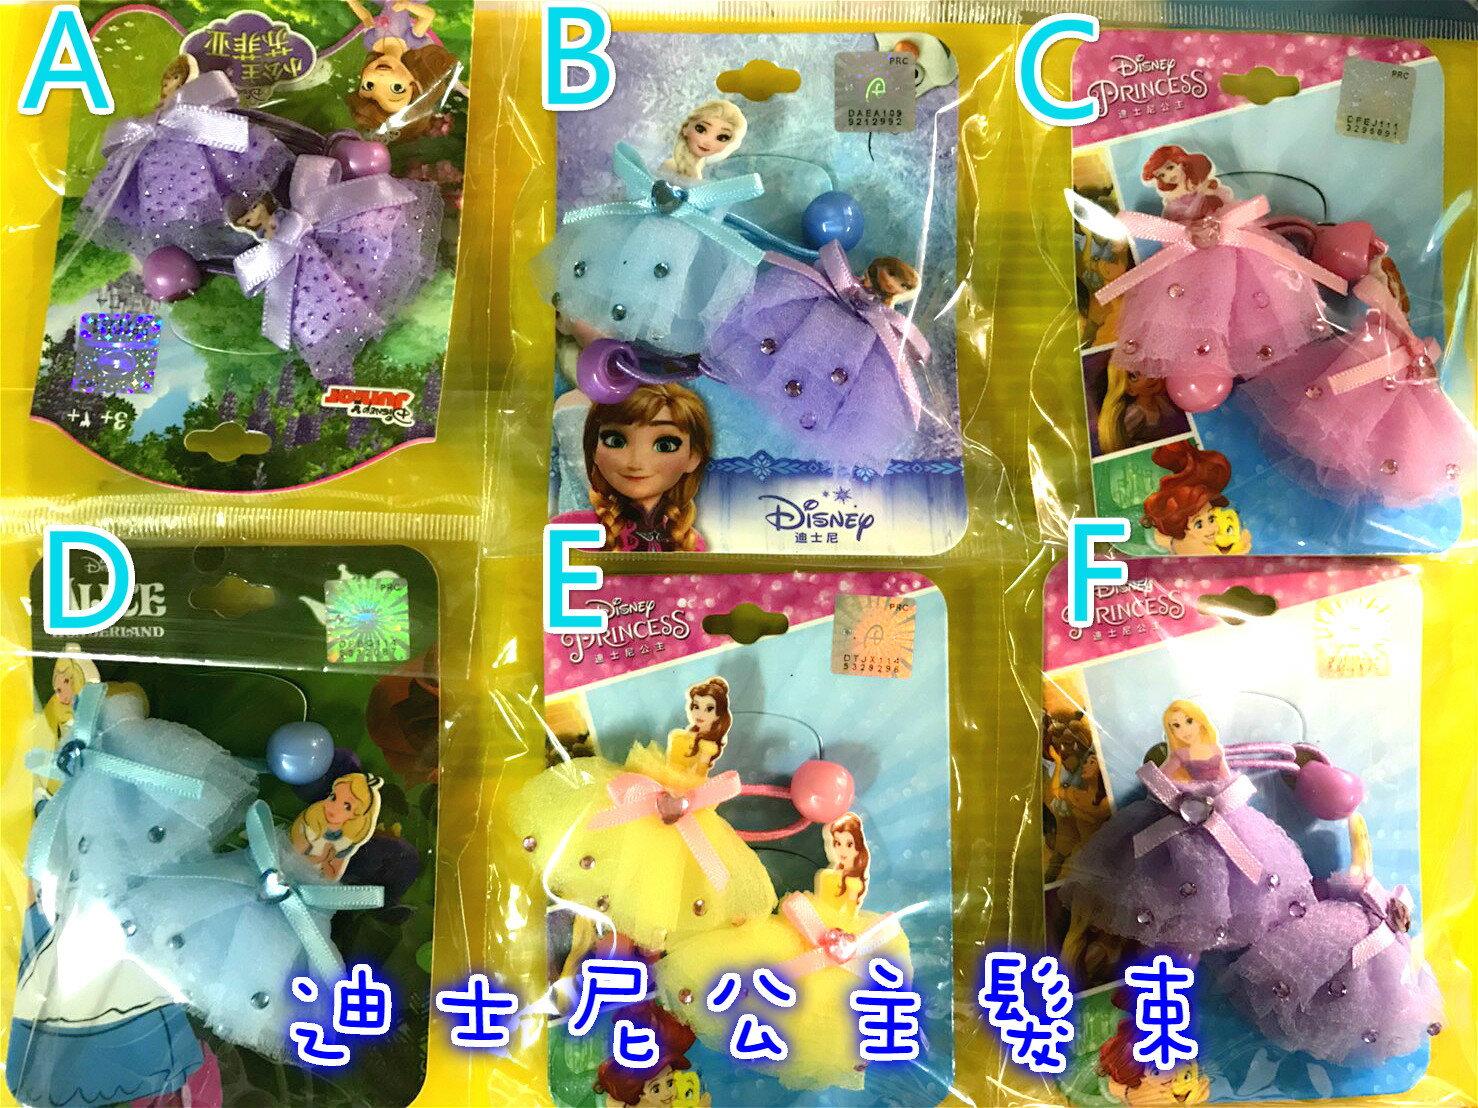 迪士尼公主 公主髮束 兒童髮束 小美人魚 蘇菲亞公主 愛麗絲 貝兒公主 長髮公主 冰雪奇緣 迪士尼公主周邊 櫻花寶寶